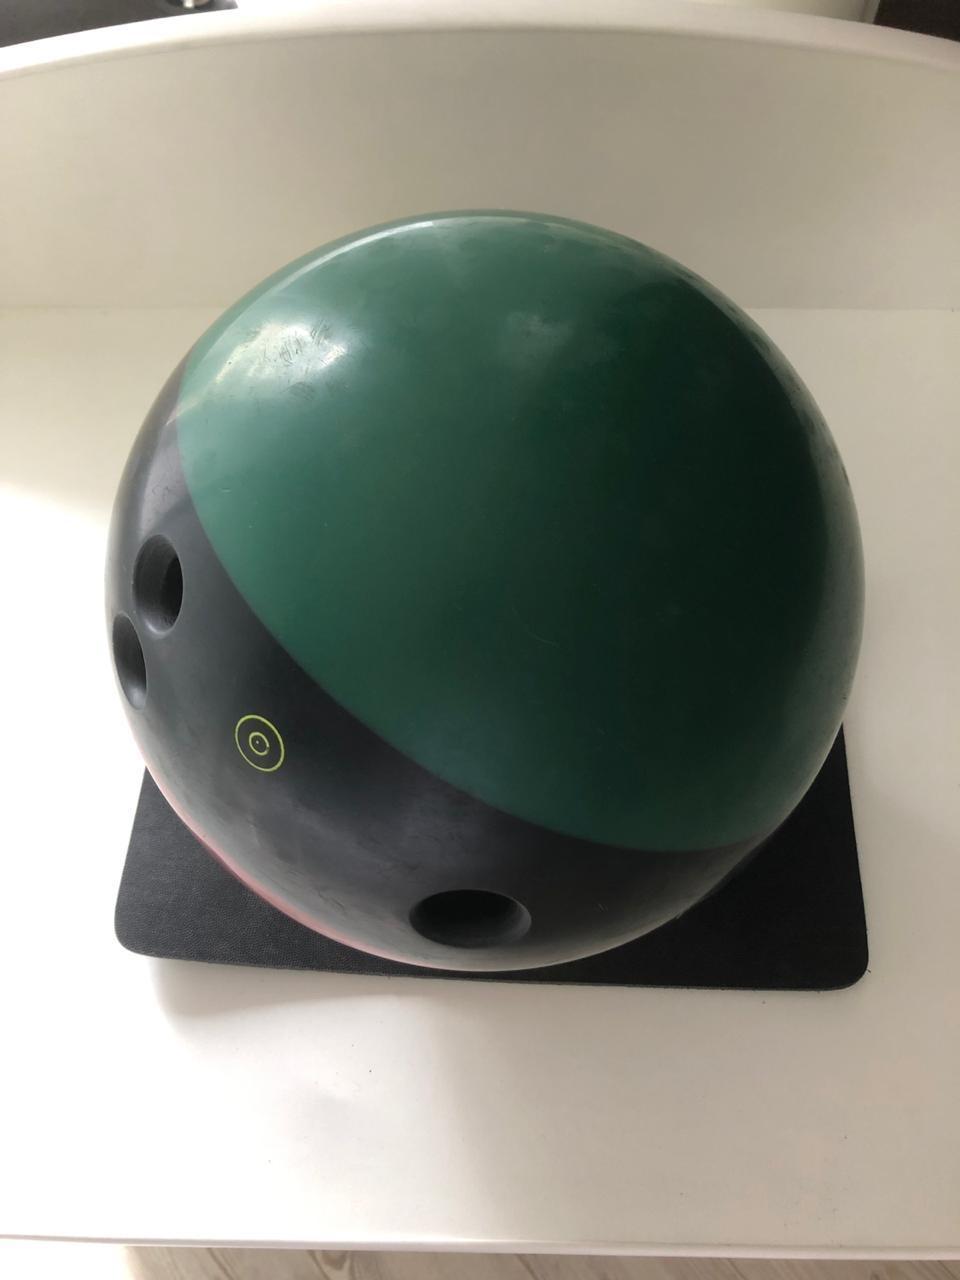 Комплект для боулинга - шар, ботинки, сумка в Москве 89150148129 купить 7